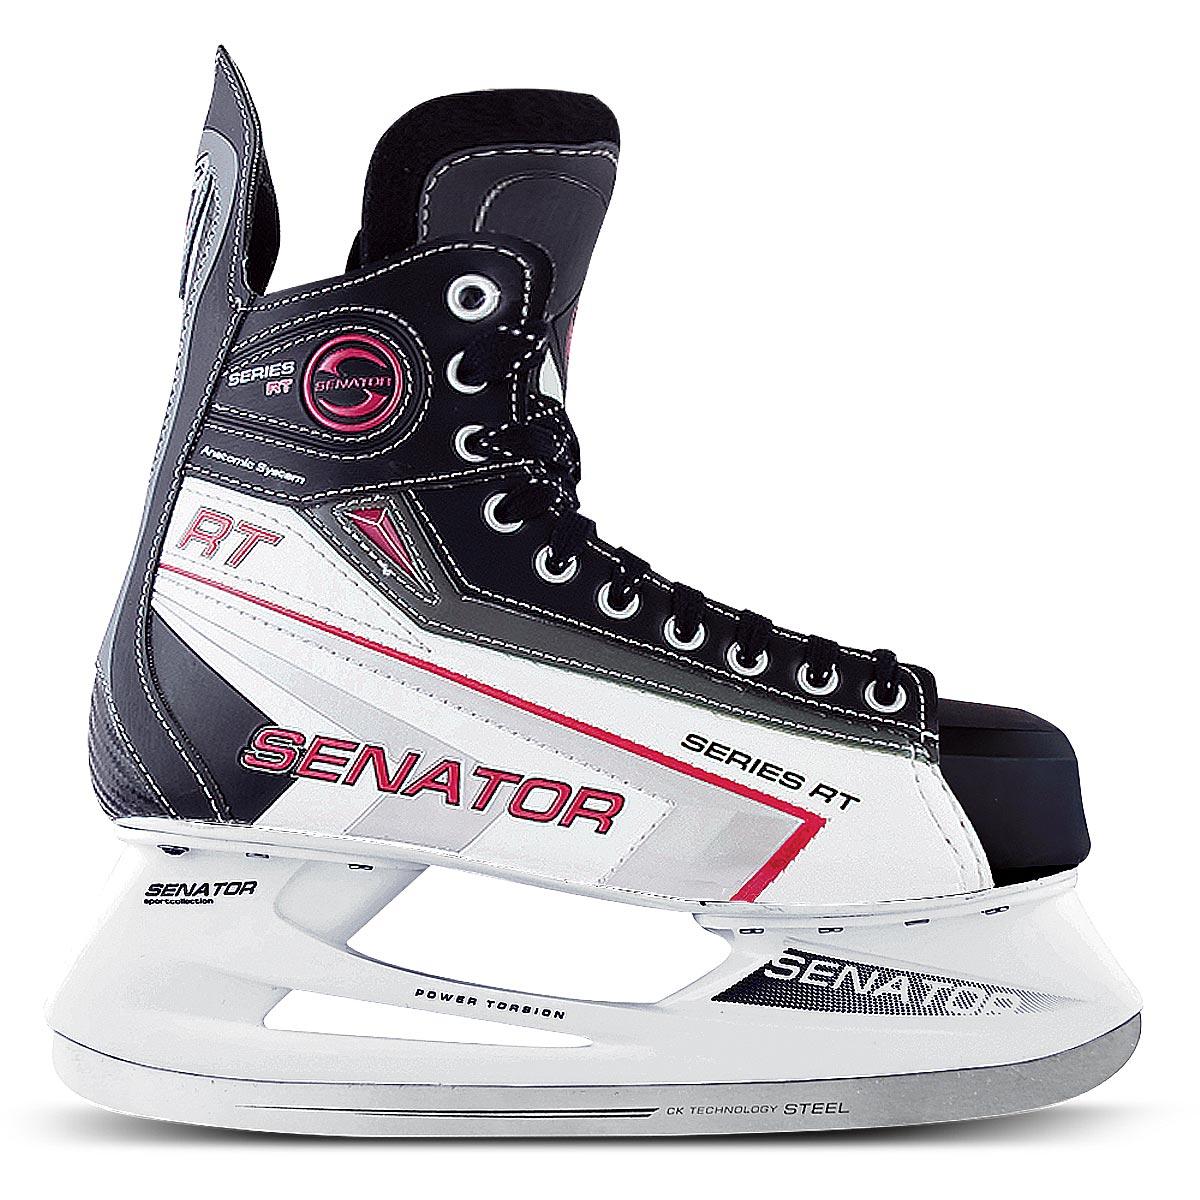 Коньки хоккейные мужские СК Senator RT, цвет: черный, белый. Размер 40SENATOR RT_черный, белый_40Стильные коньки от CK прекрасно подойдут для начинающих игроков в хоккей. Ботинок выполнен из морозоустойчивой искусственной кожи и ПВХ. Мыс дополнен вставкой, которая защитит ноги от ударов. Внутренний слой и стелька изготовлены из мягкого вельвета, который обеспечит тепло и комфорт во время катания, язычок - из войлока. Плотная шнуровка надежно фиксирует модель на ноге. Анатомический голеностоп имеет удобный суппорт. По верху коньки декорированы оригинальным принтом и тиснением в виде логотипа бренда. Подошва - из твердого пластика. Стойка выполнена из ударопрочного поливинилхлорида. Лезвие из нержавеющей стали обеспечит превосходное скольжение. Оригинальные коньки придутся вам по душе.